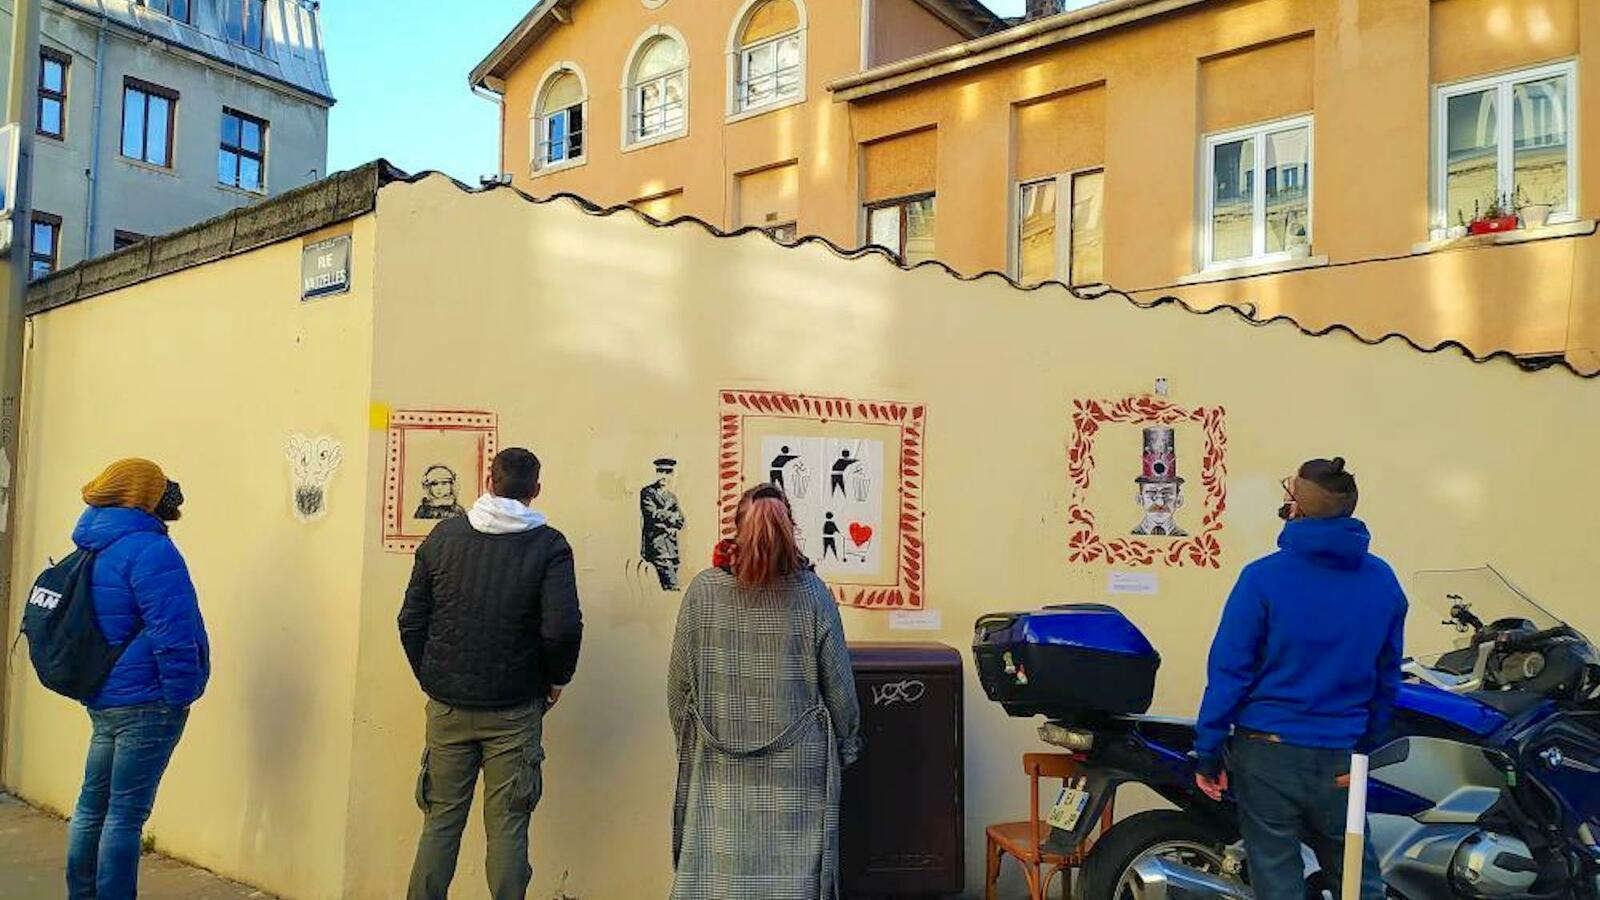 Murséum, un musée éphémère à ciel ouvert à Lyon Croix-Rousse